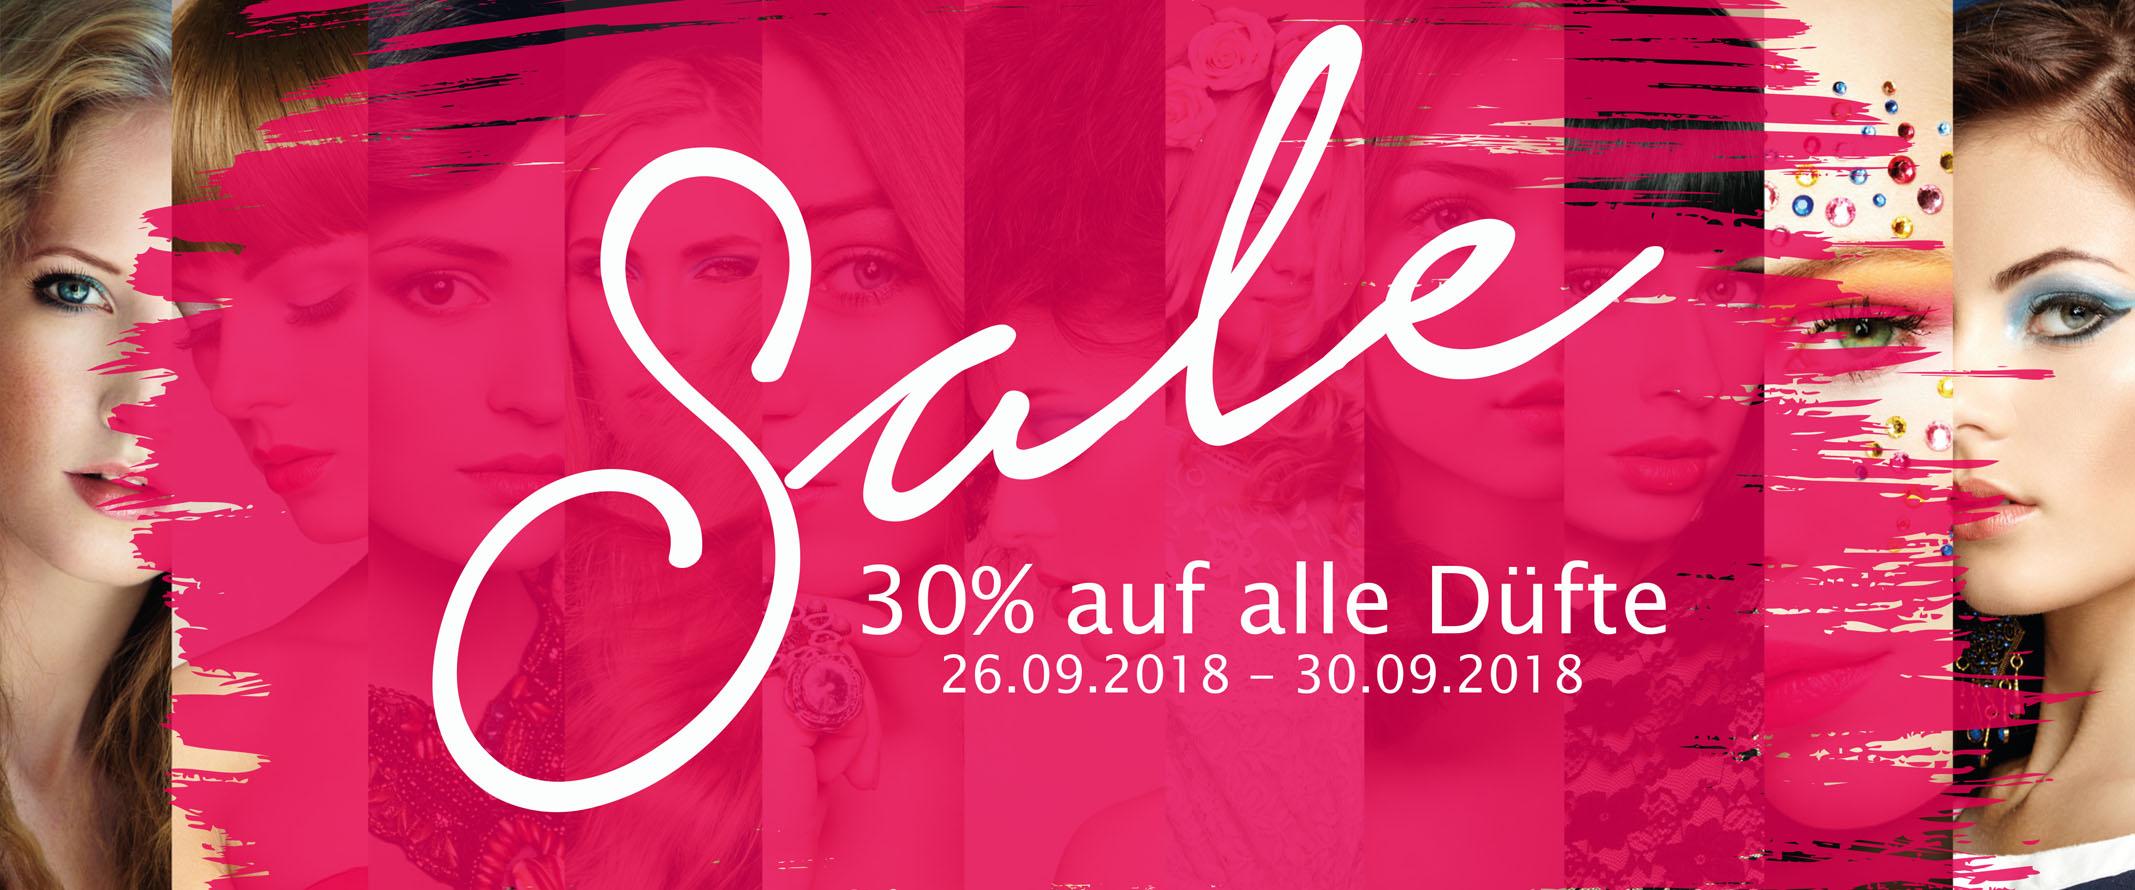 30% auf Parfüm Dupes bei Eclat.de